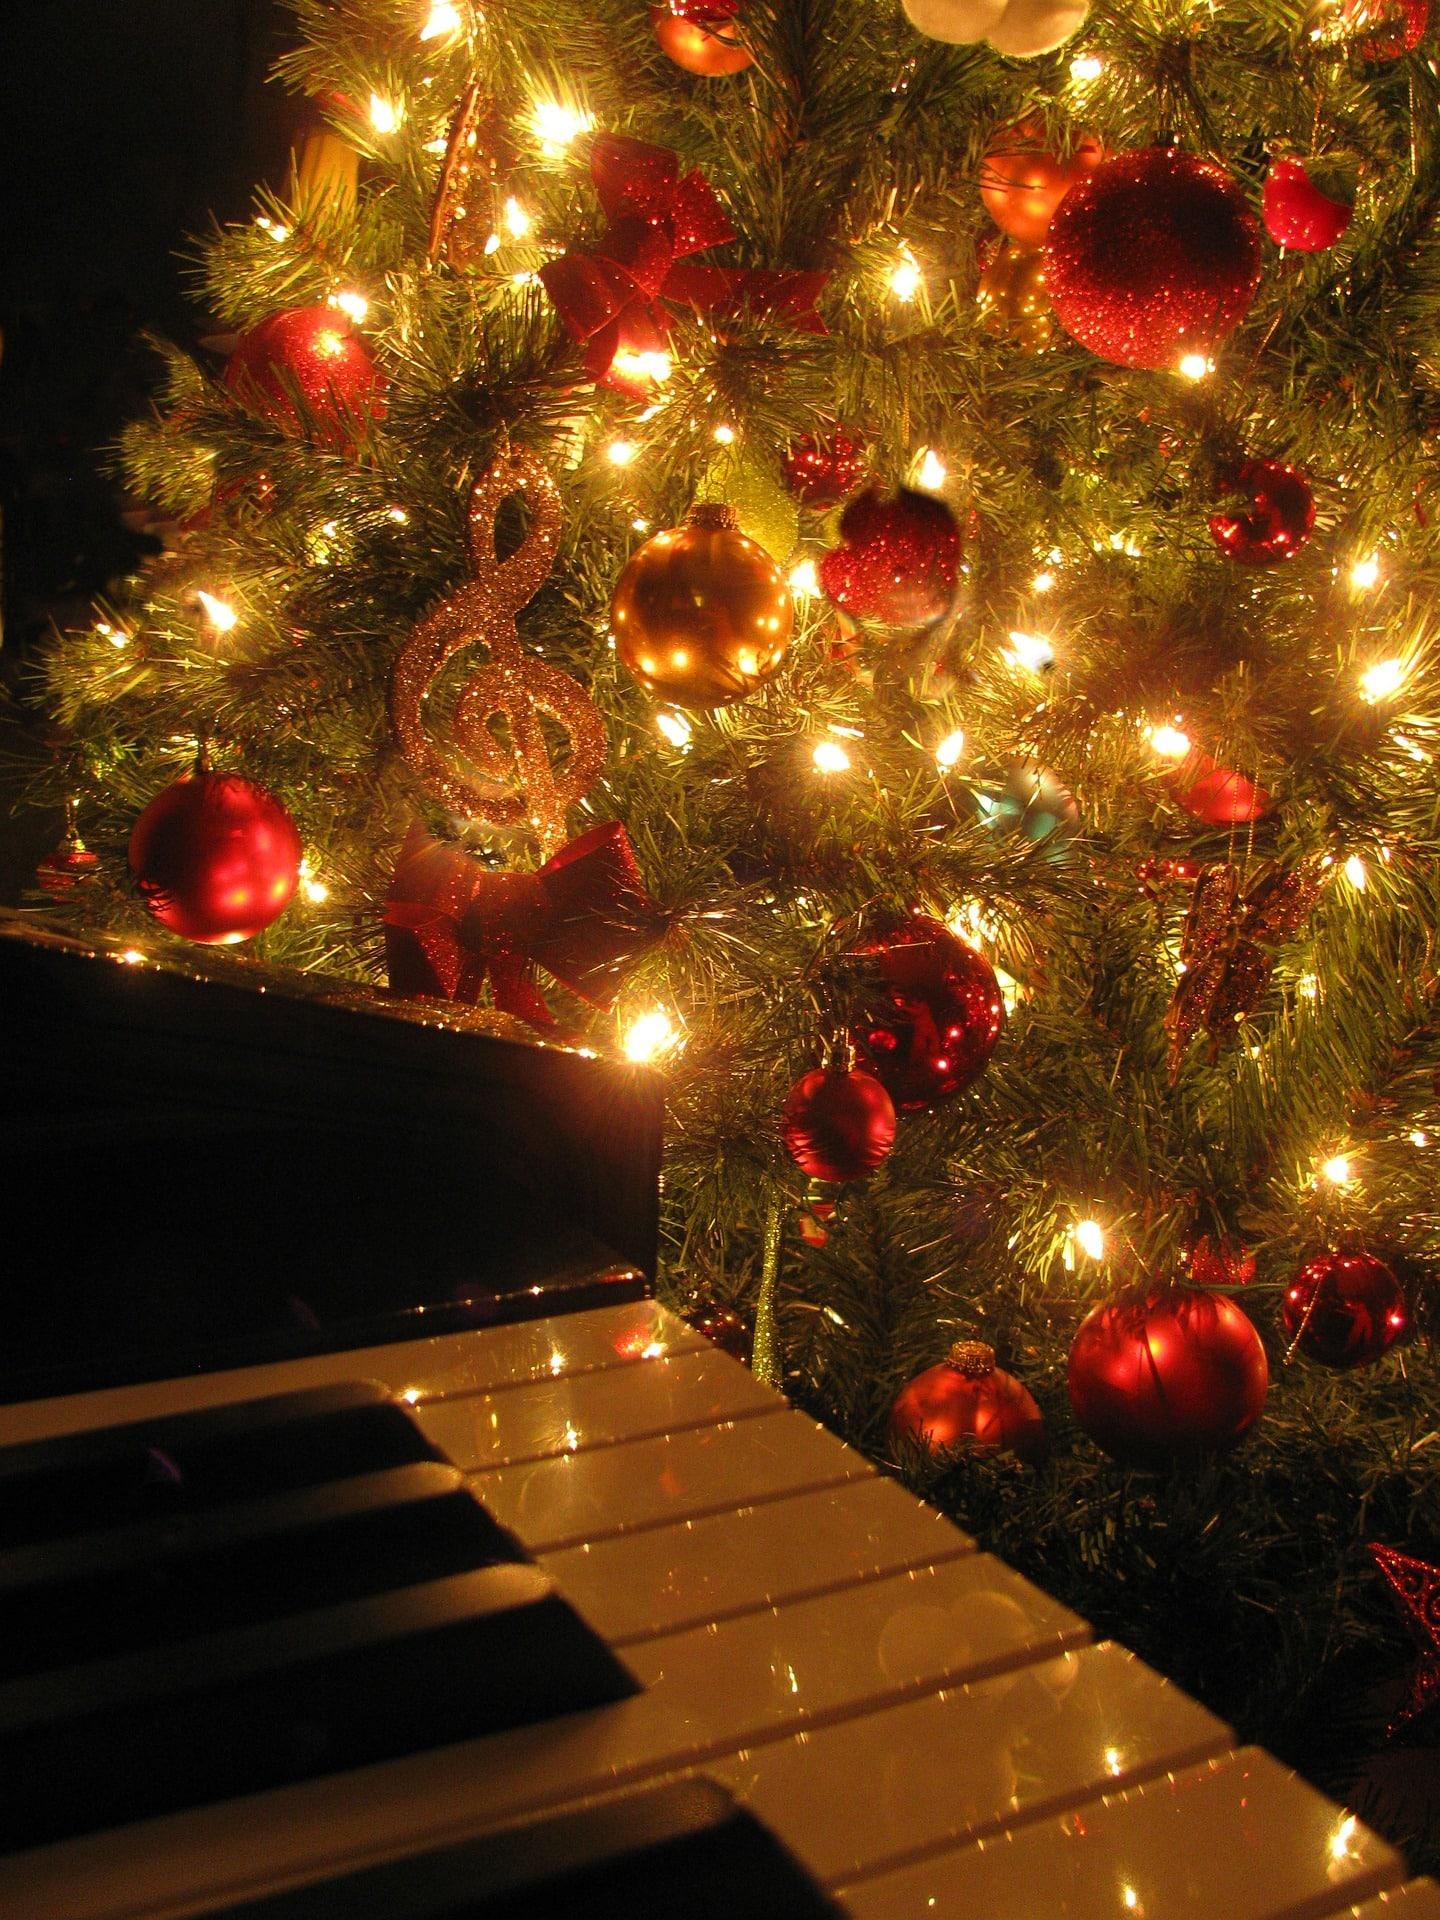 Populäre Weihnachtslieder.Weihnachtslieder Weihnachtsradio 2018 Christmas Channel